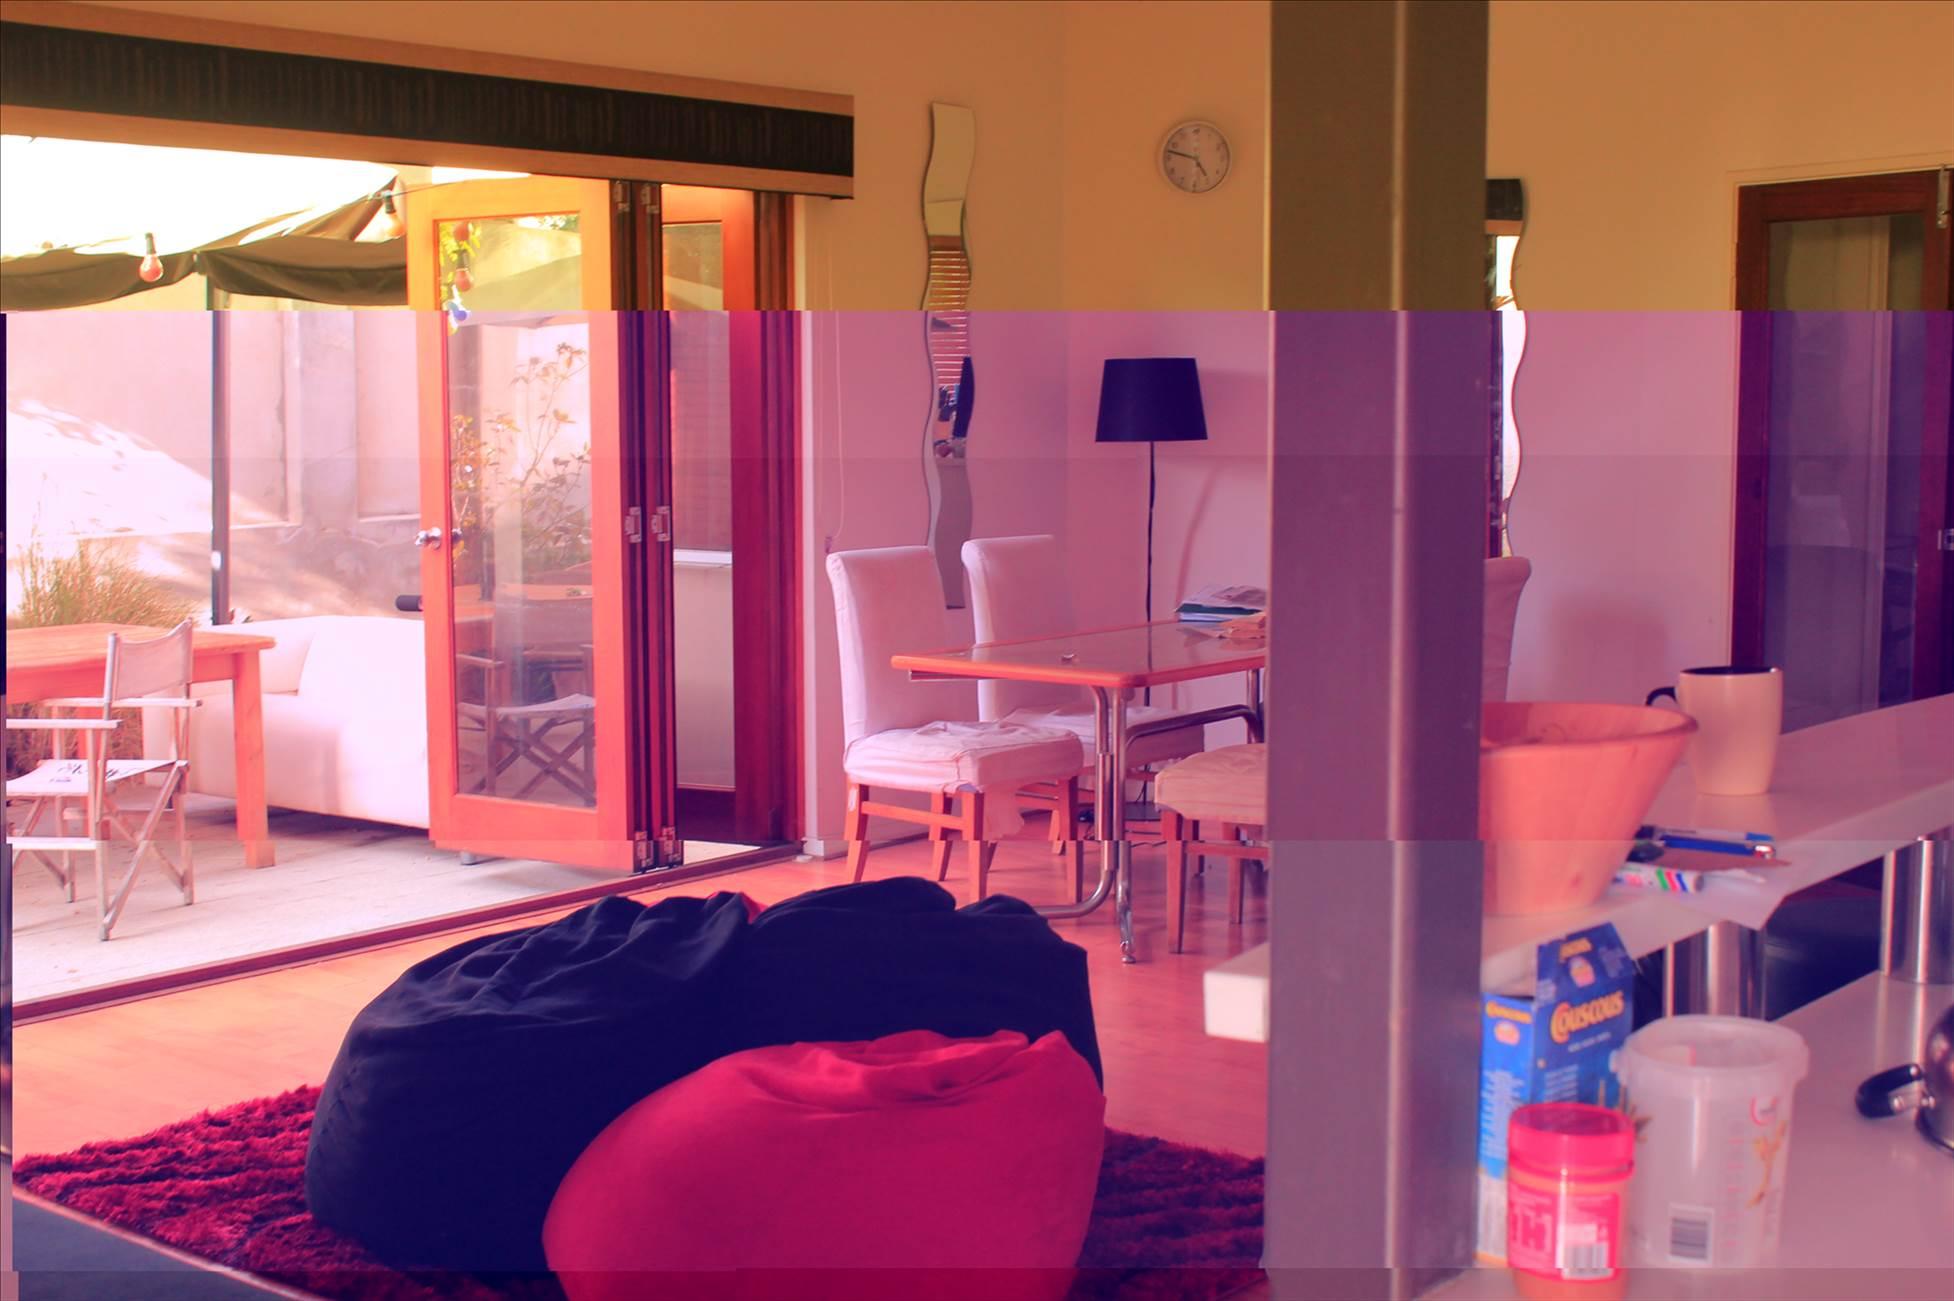 Room For Rent Hobart Gumtree